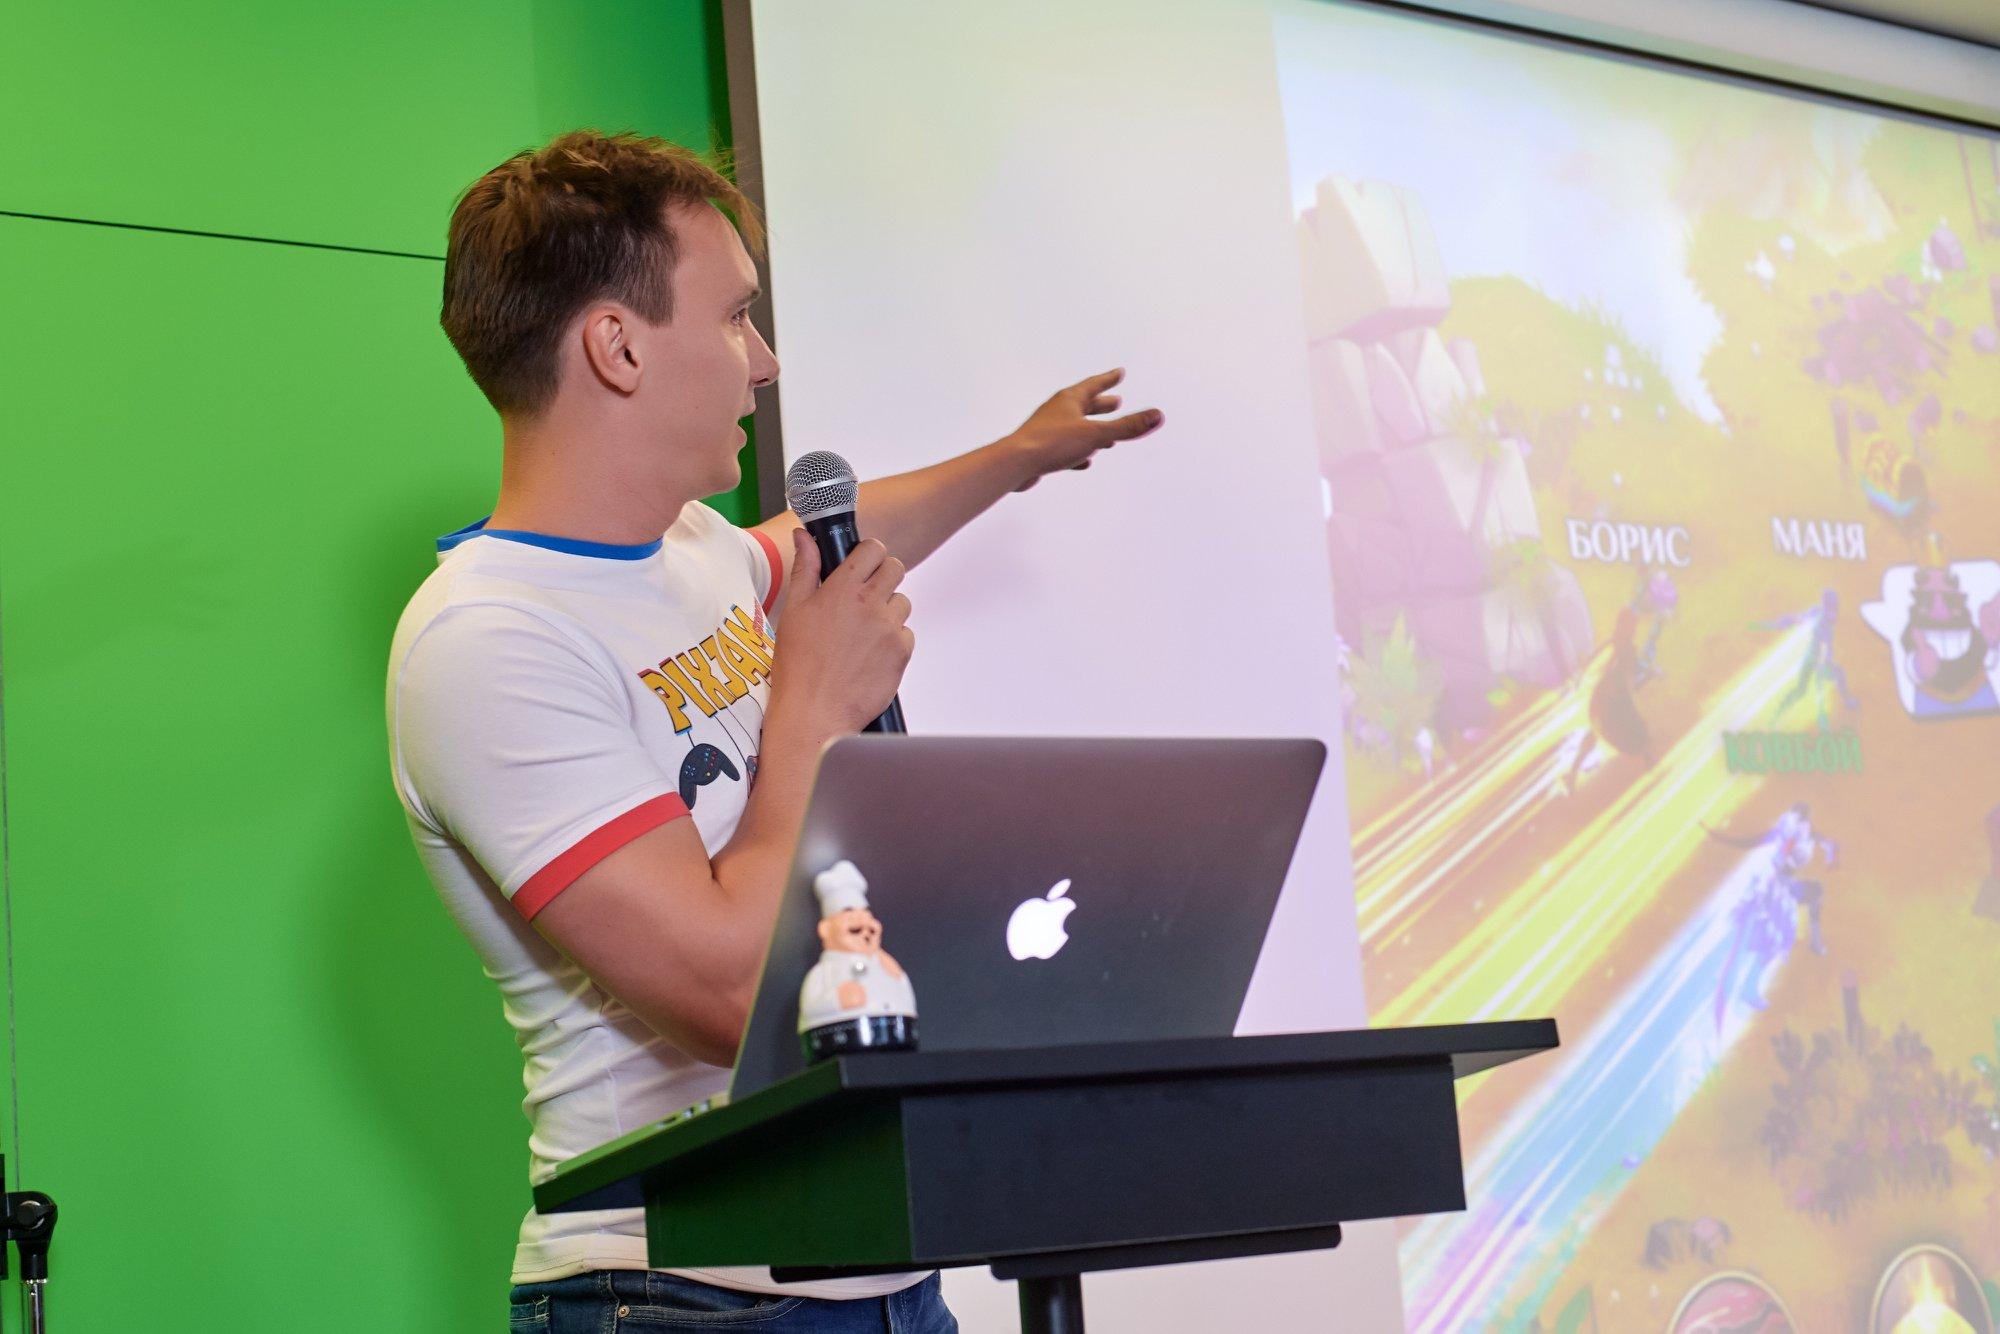 Второй PixJam внутри компании: новые концепты и работа над ошибками - 4